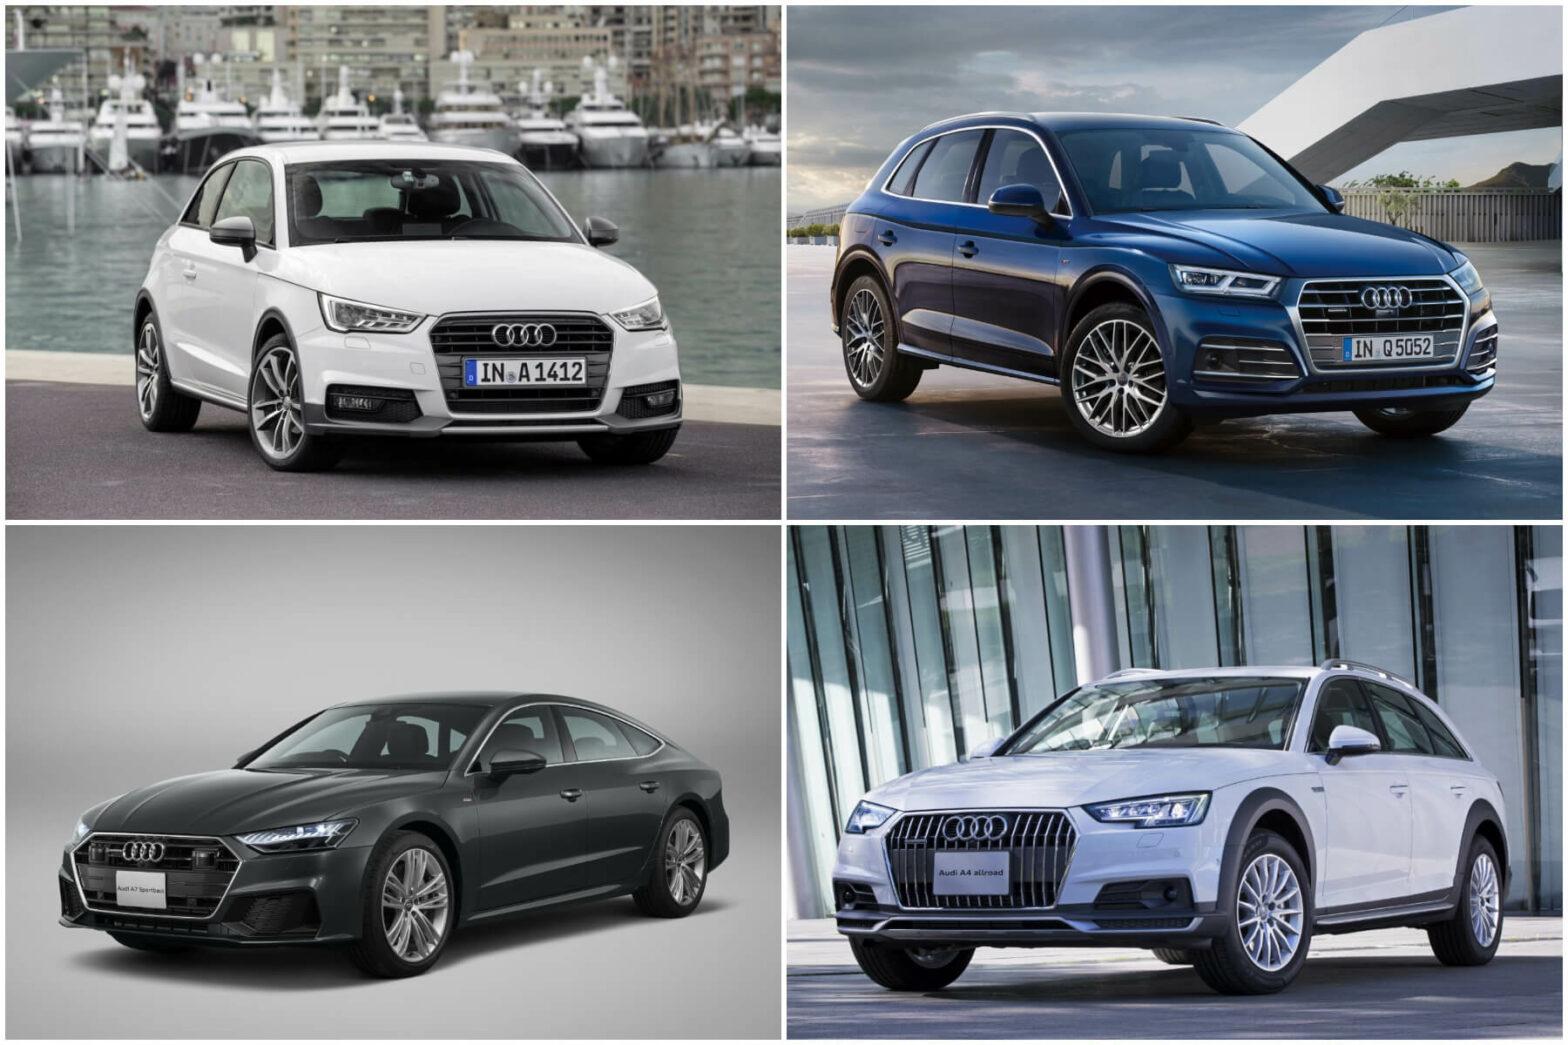 【アウディ】新車で買える現行車種一覧|2020年最新情報